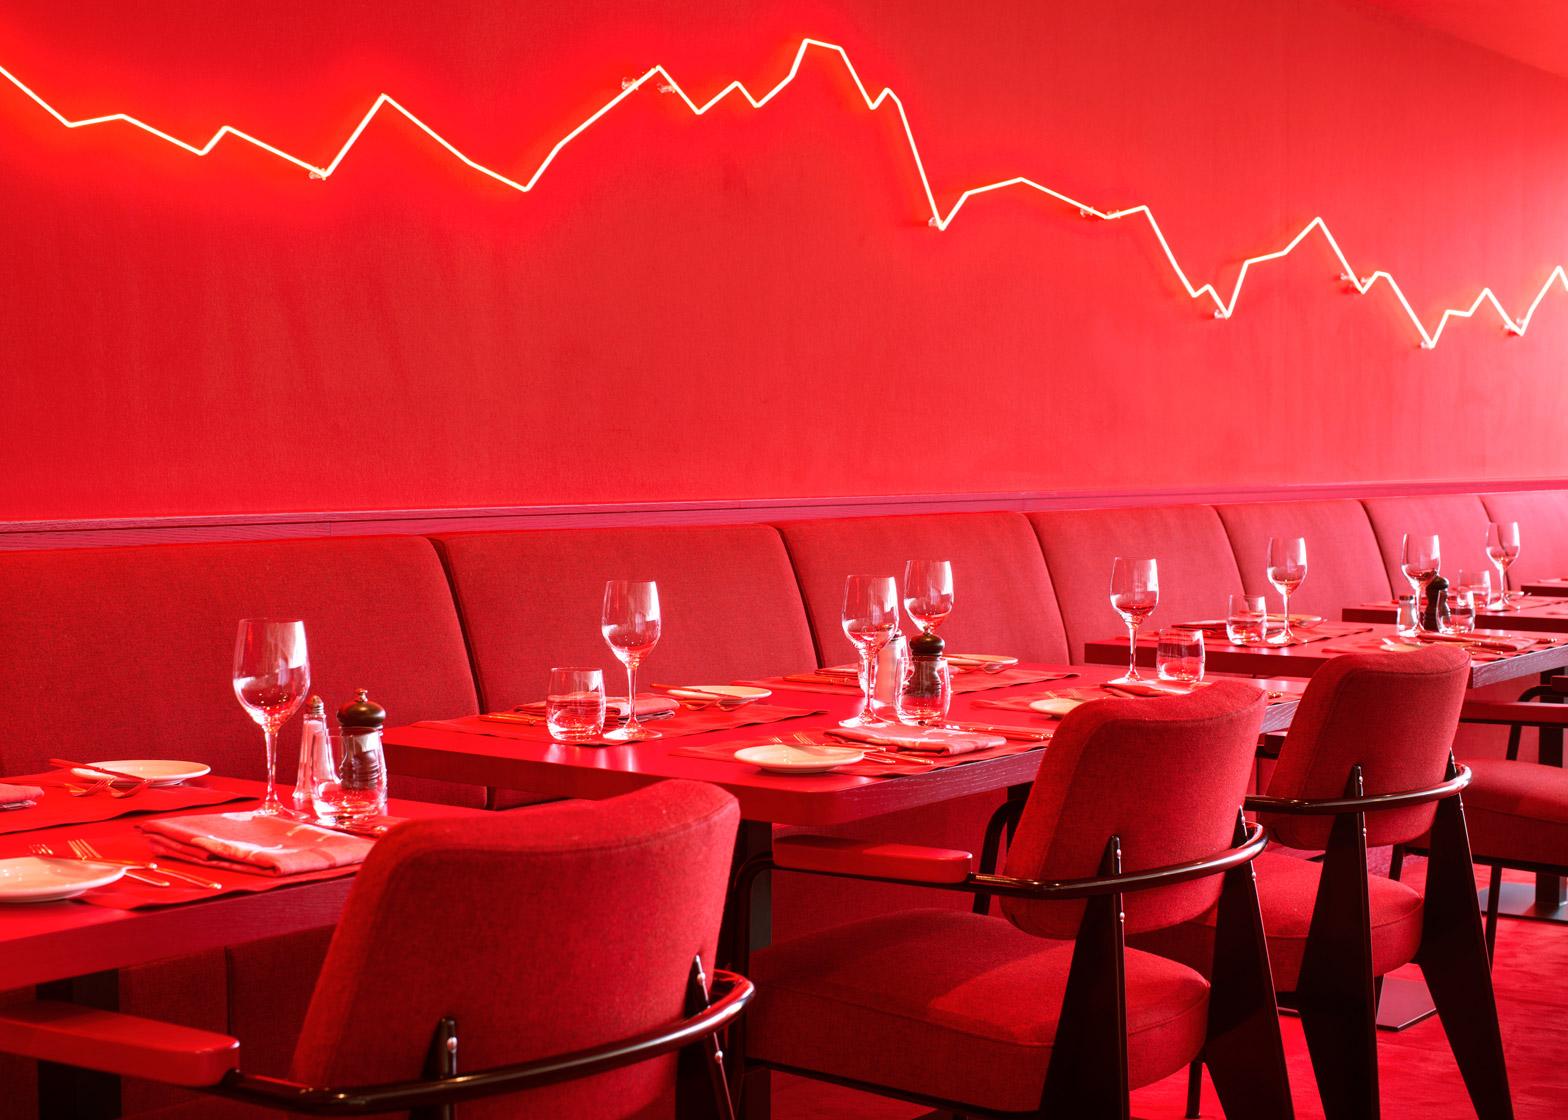 architecture_saltz_restaurant_the_dolder_grand_design_studia_interiors_osnovadesign_osnova_poltava_05